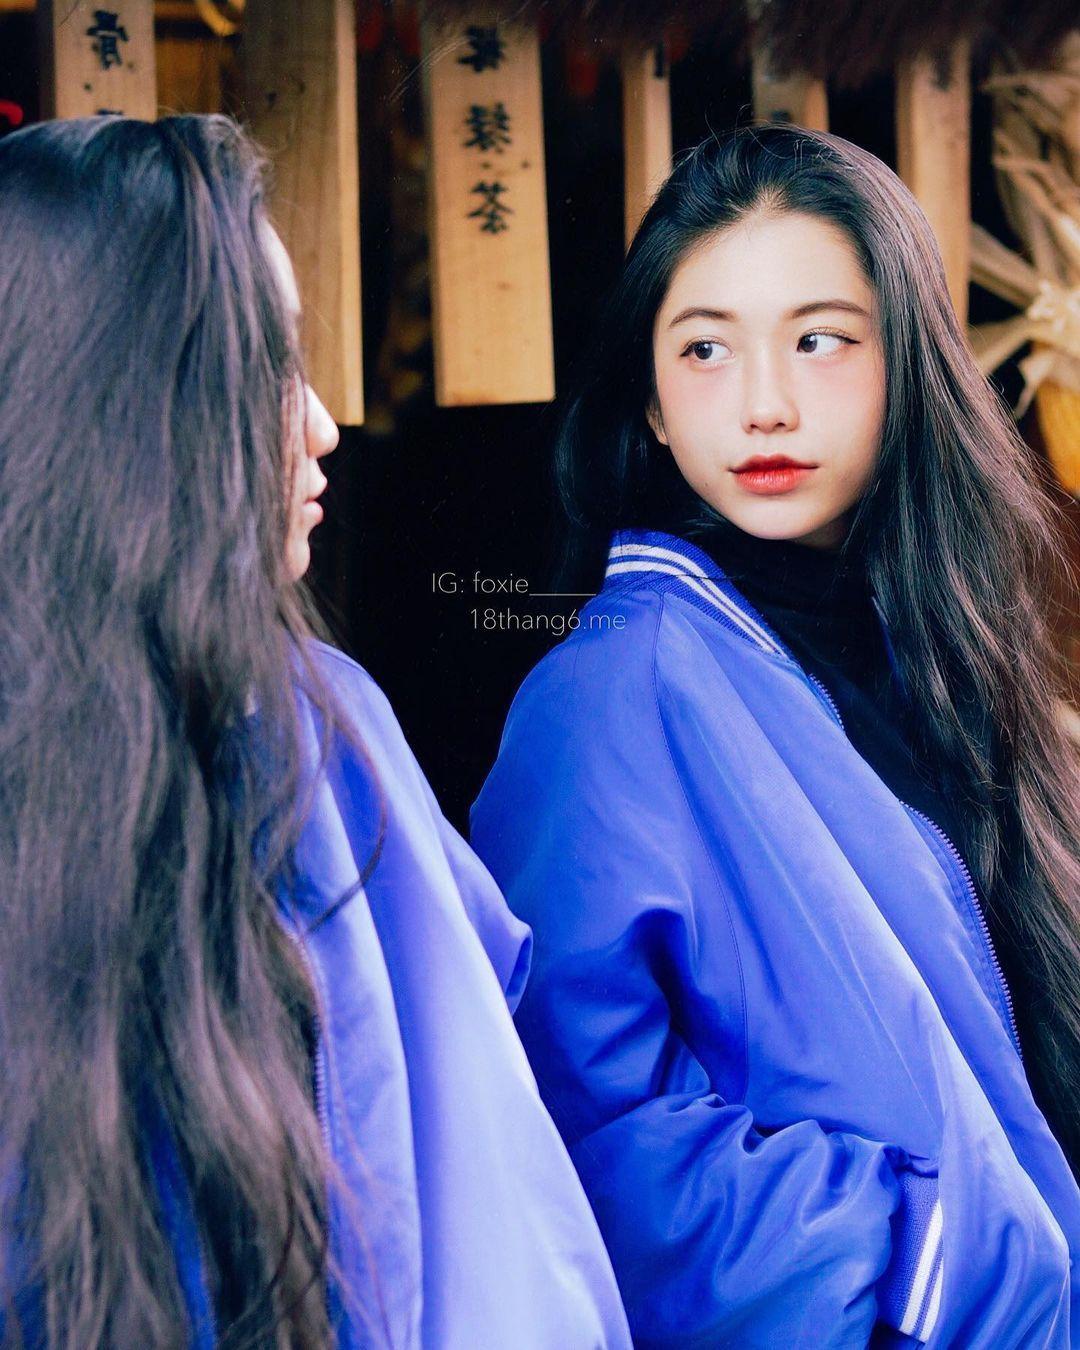 天菜越南妹「Kim Anh」迷蒙眼神仿佛随时在放电空灵气质更是无比疗愈人心 养眼图片 第11张